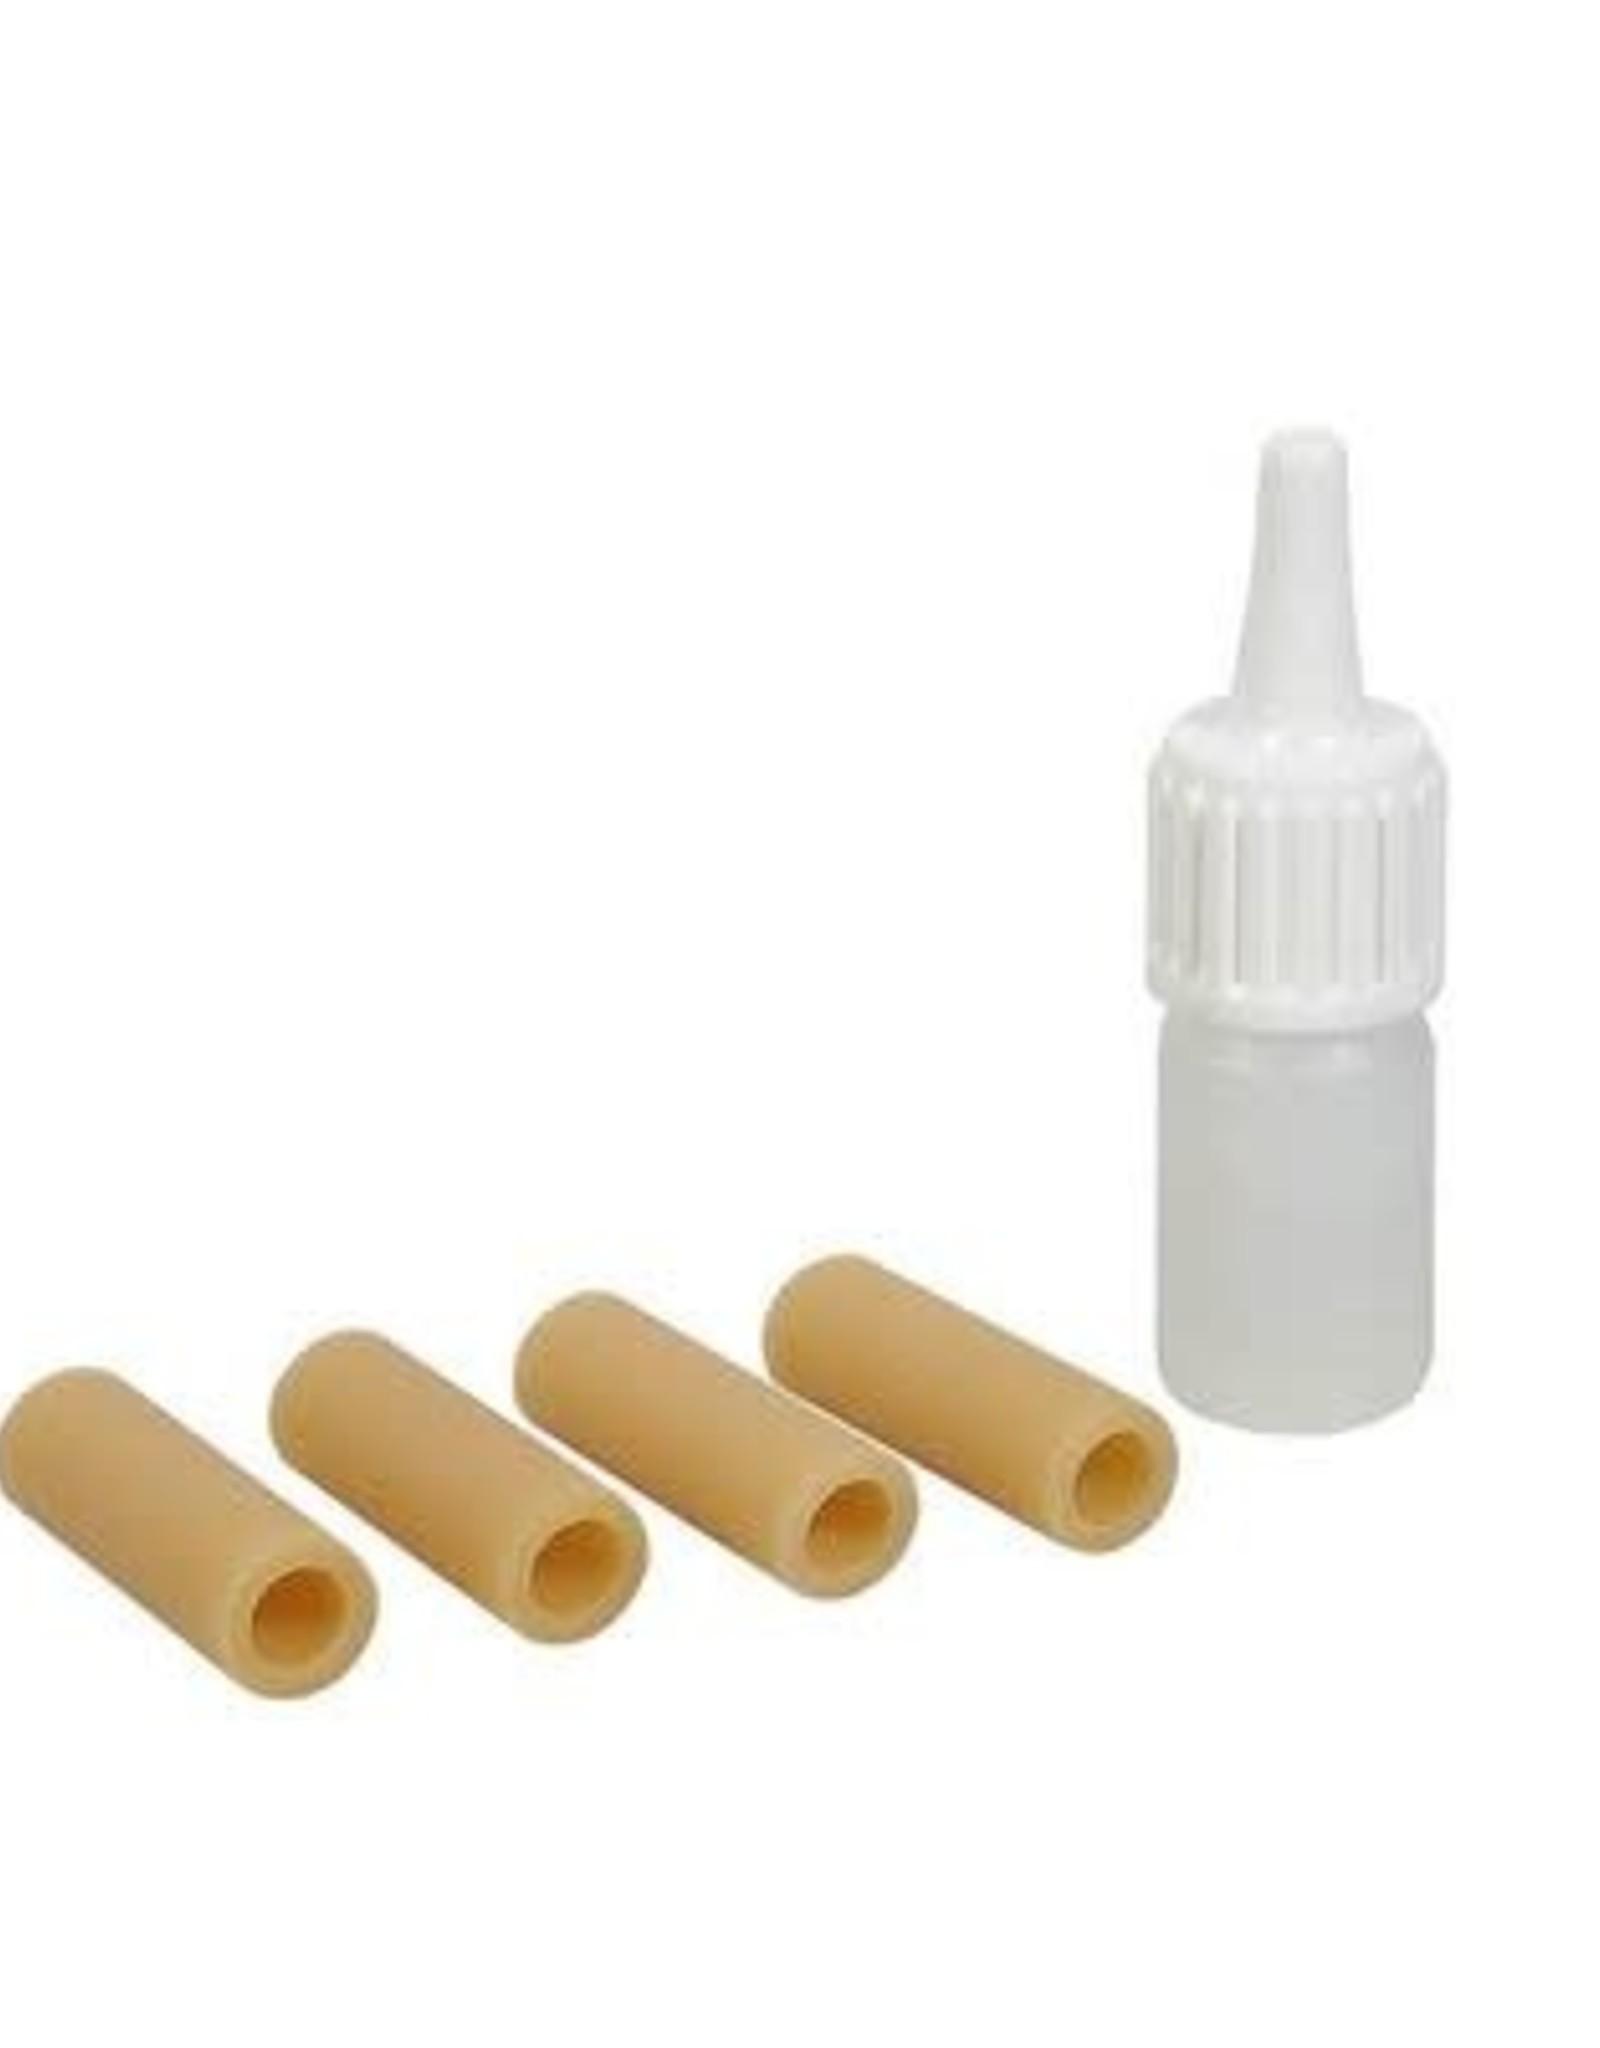 WOLF rubbertjes voor Wolf schouderstuk. 4 pieces replacement kit, met lubricant